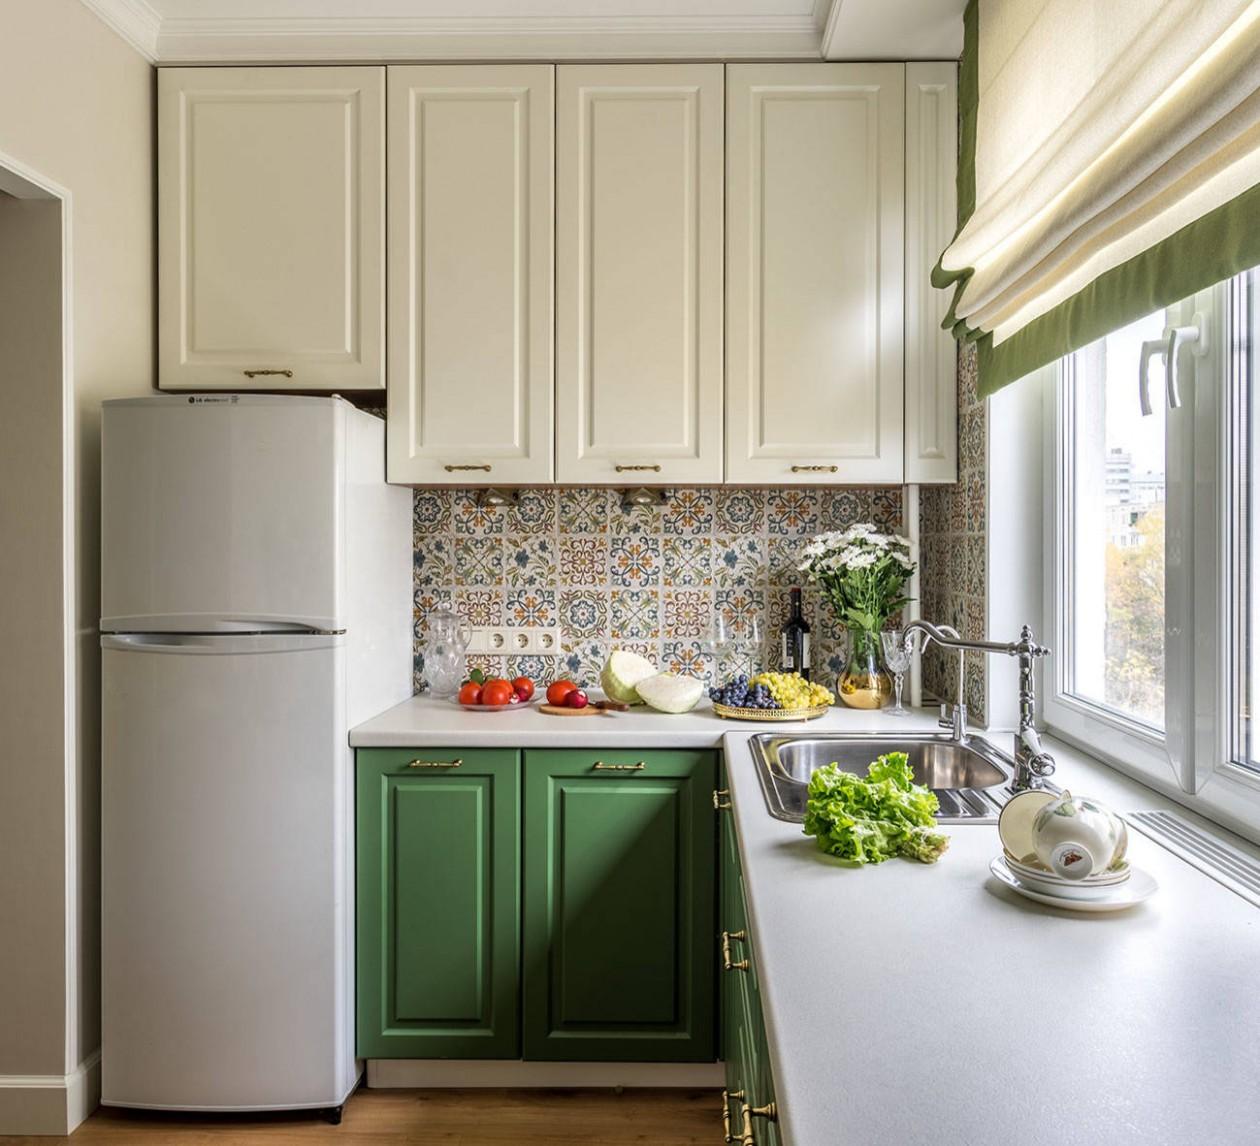 Fridge Cabinet Kitchen Ideas & Photos  Houzz - Kitchen Fridge Cabinet